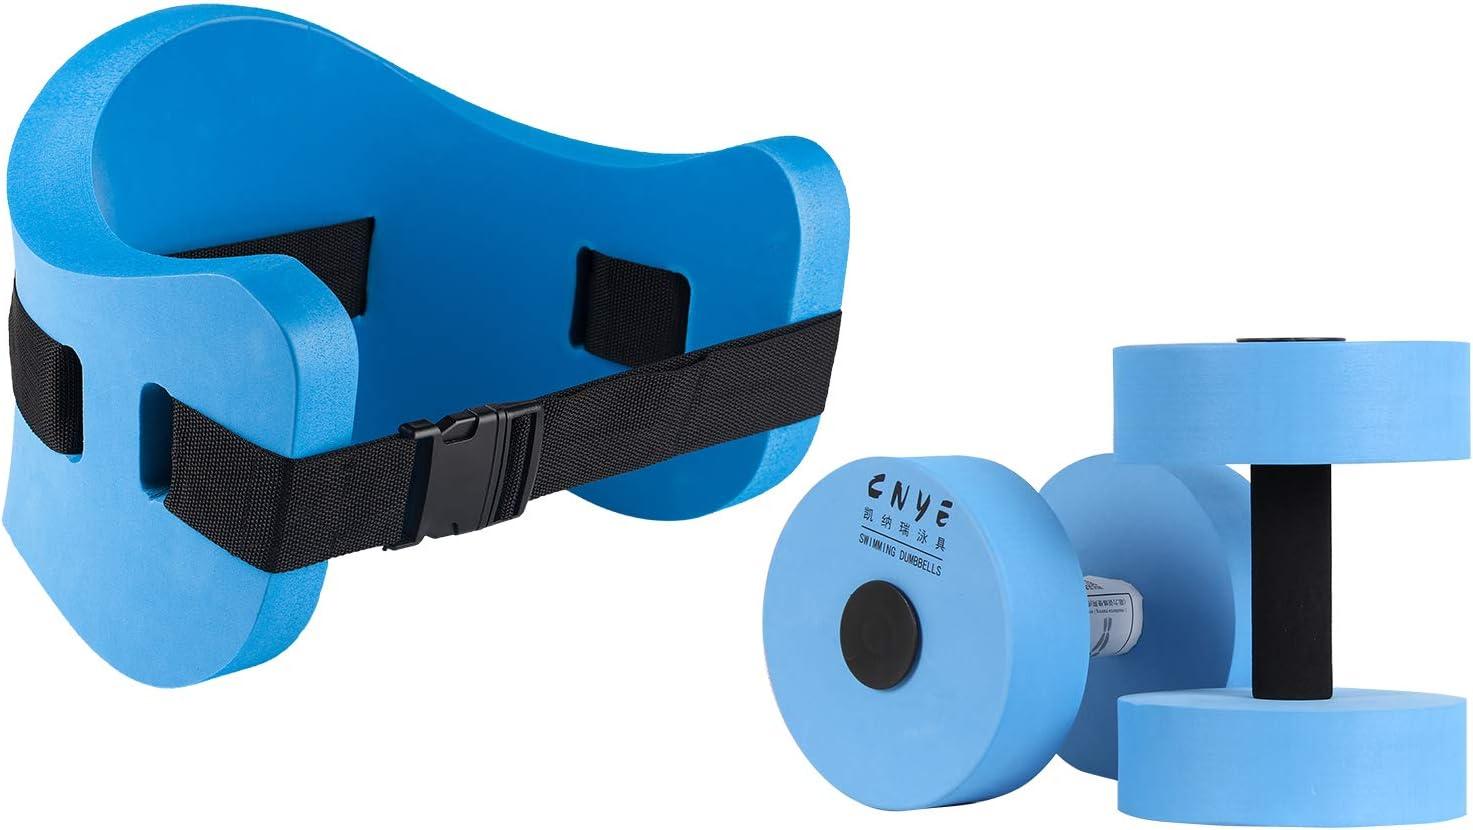 CNYE Aqua Fitness Belt 税込 - ギフト Foam EVA B Pull Barbells